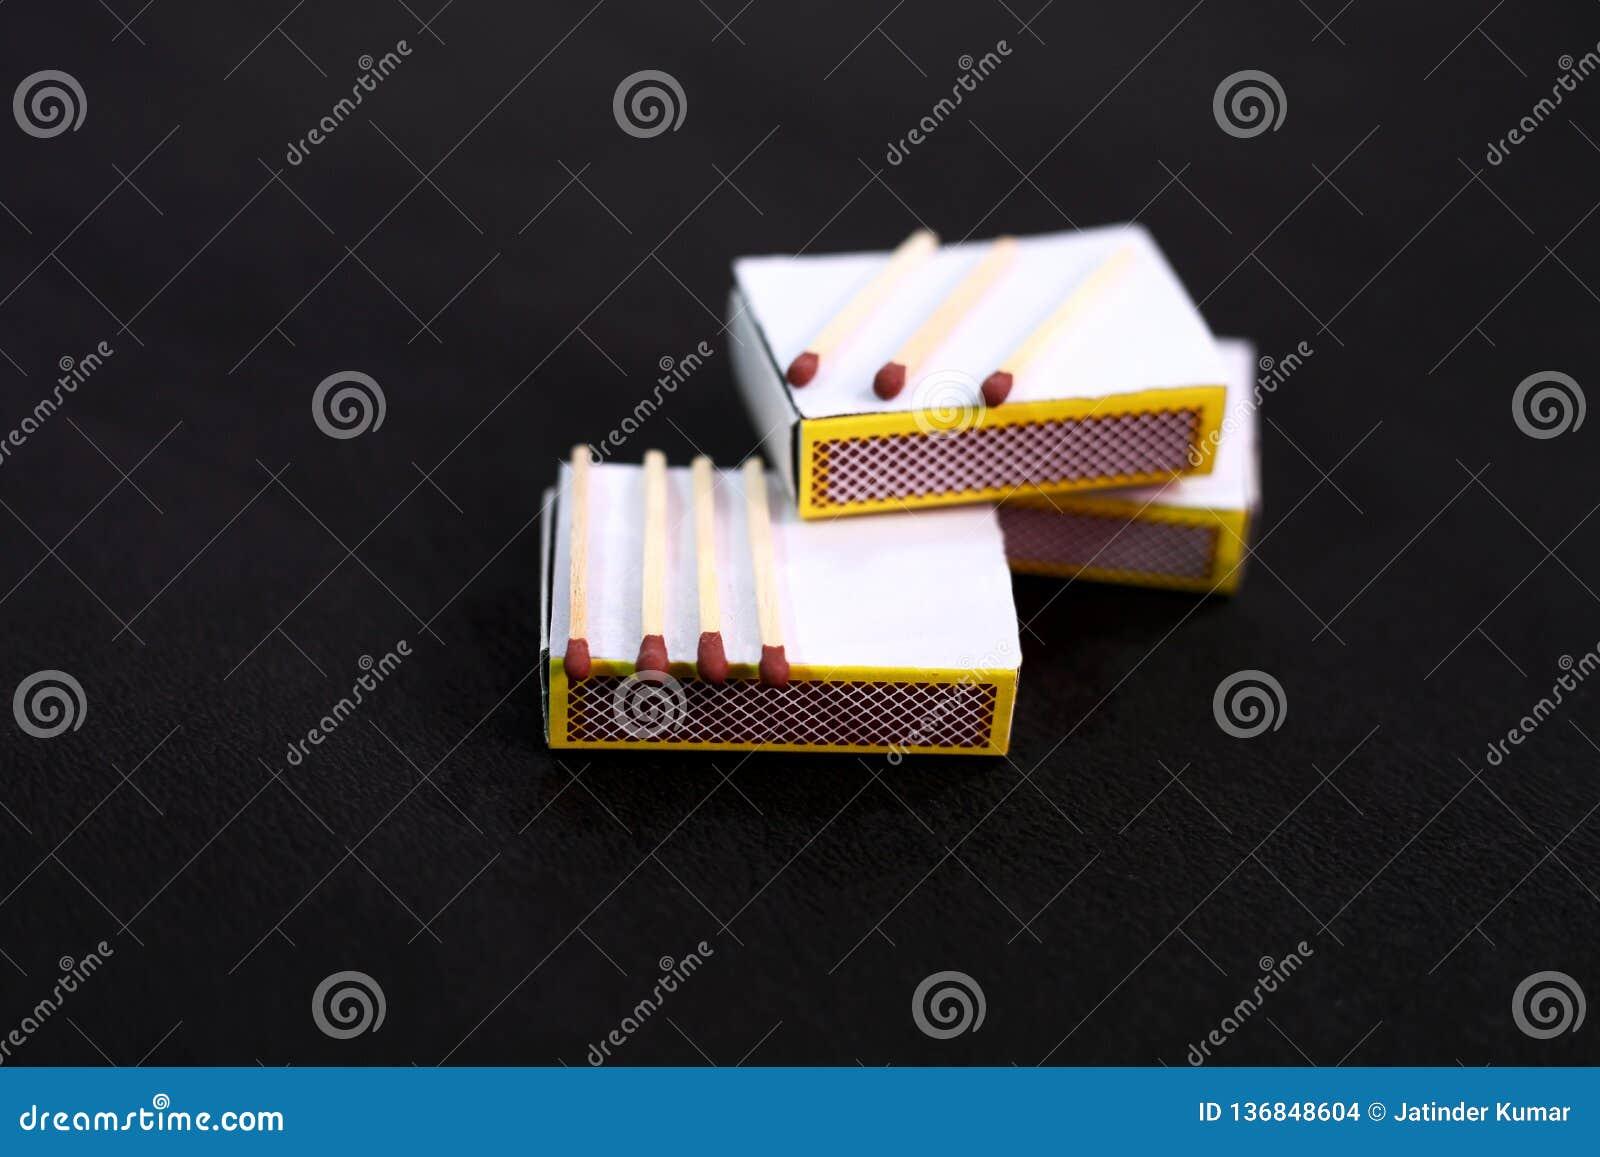 Φωτογραφία του matchstick στο κιβώτιο